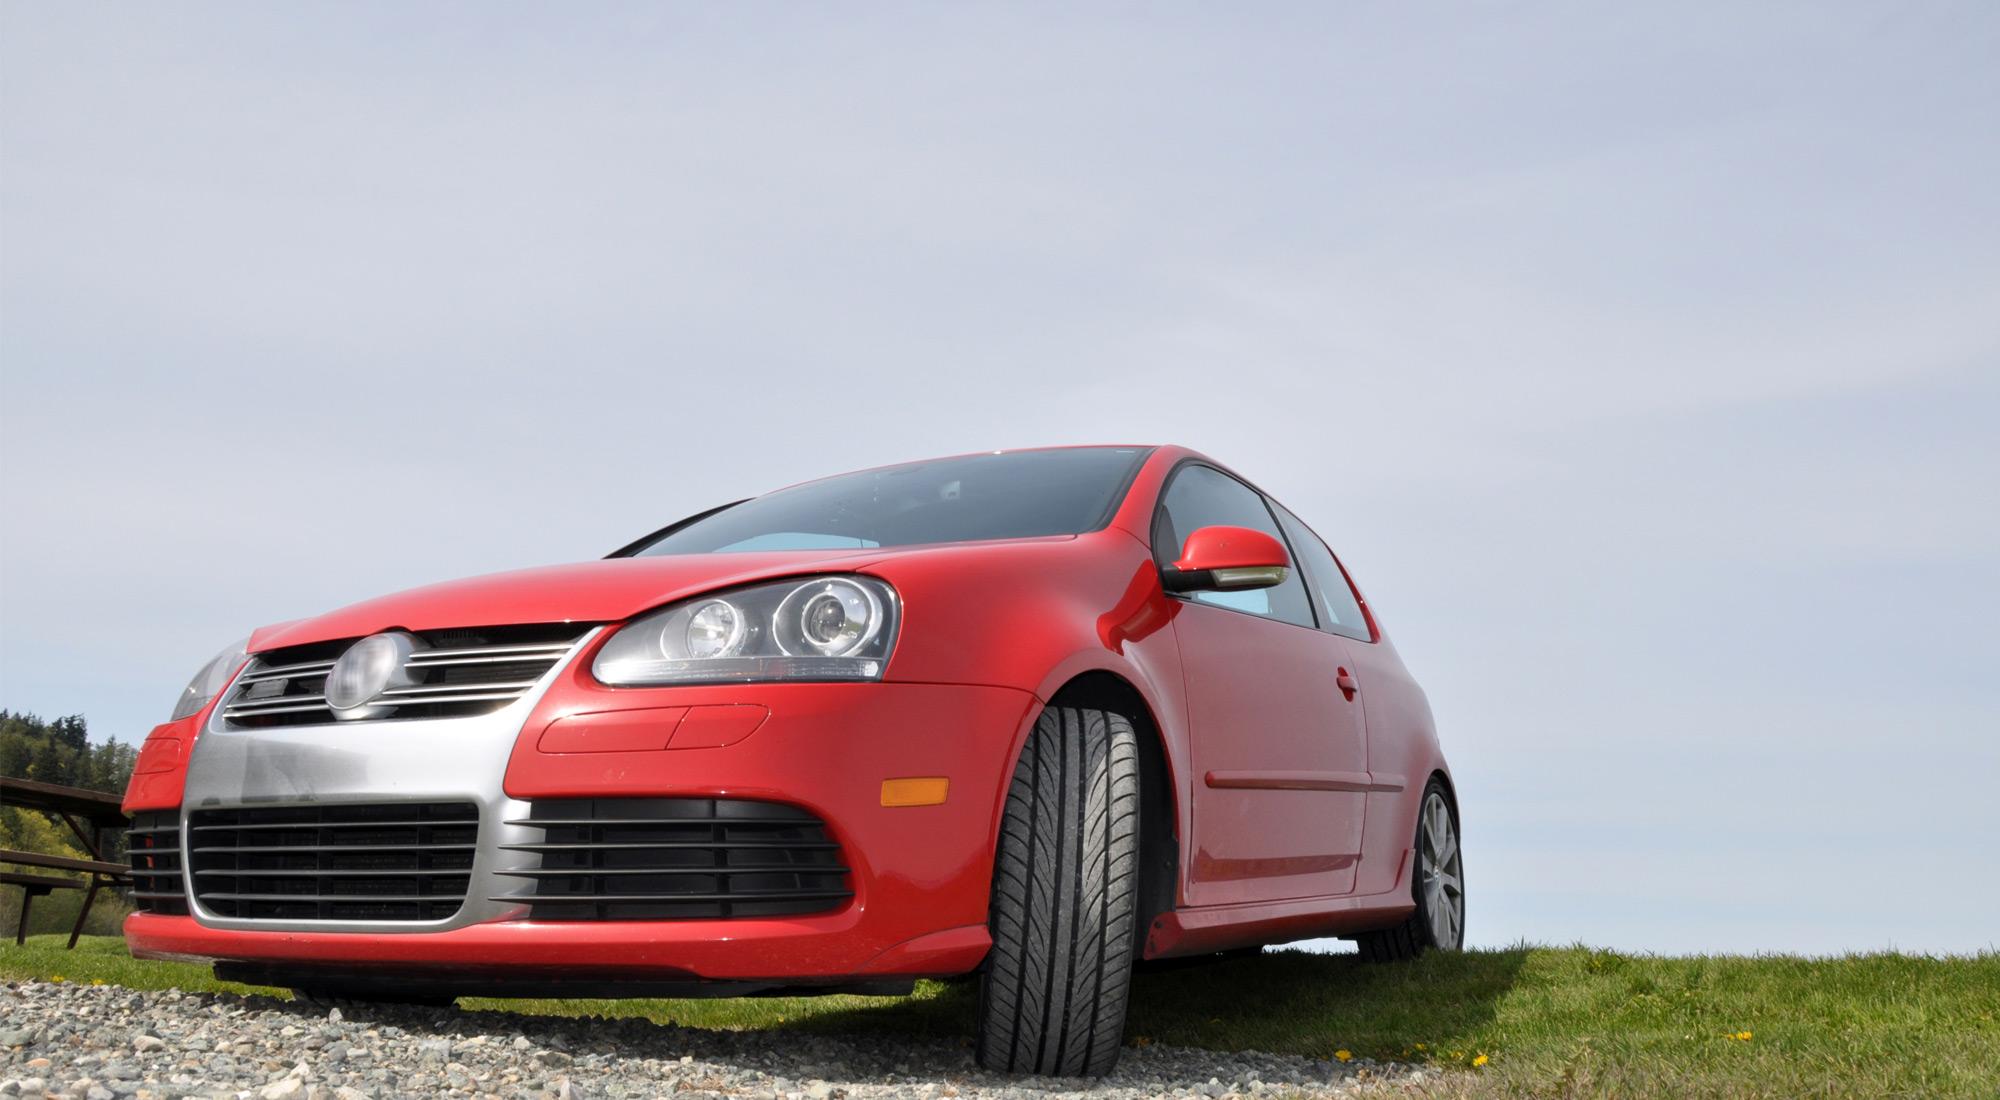 Autoimports Denver VW Image